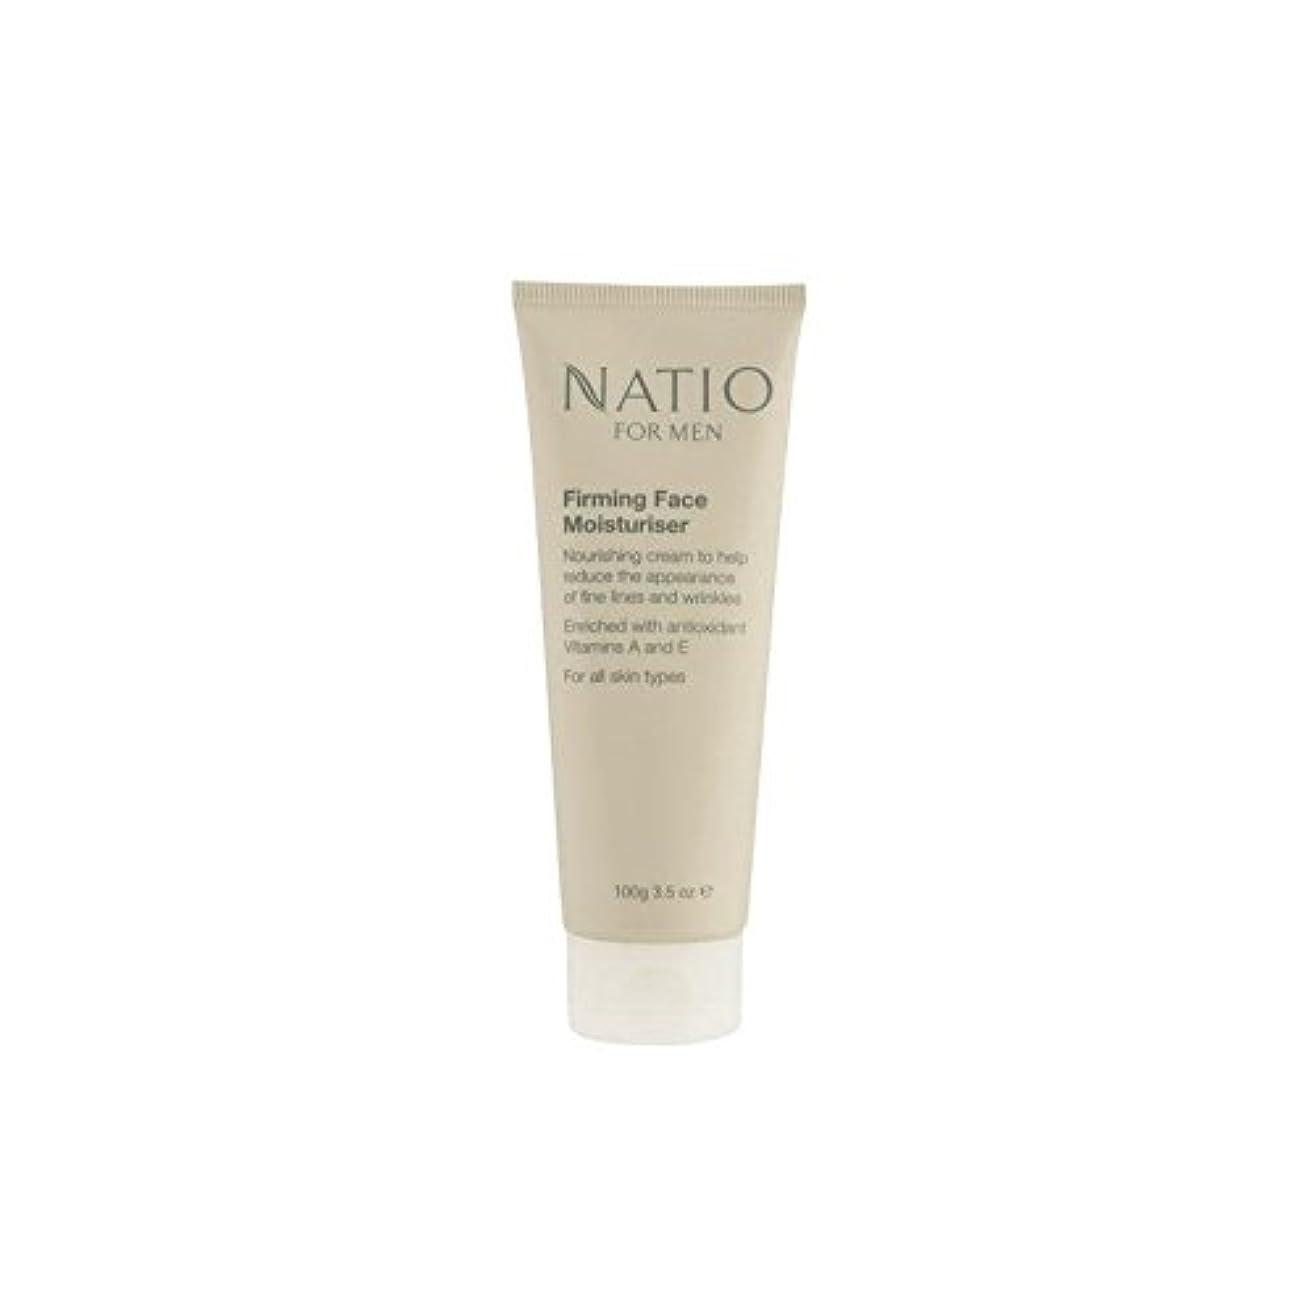 骨髄試す信者Natio For Men Firming Face Moisturiser (100G) - 顔の保湿剤を引き締め男性のための(100グラム) [並行輸入品]